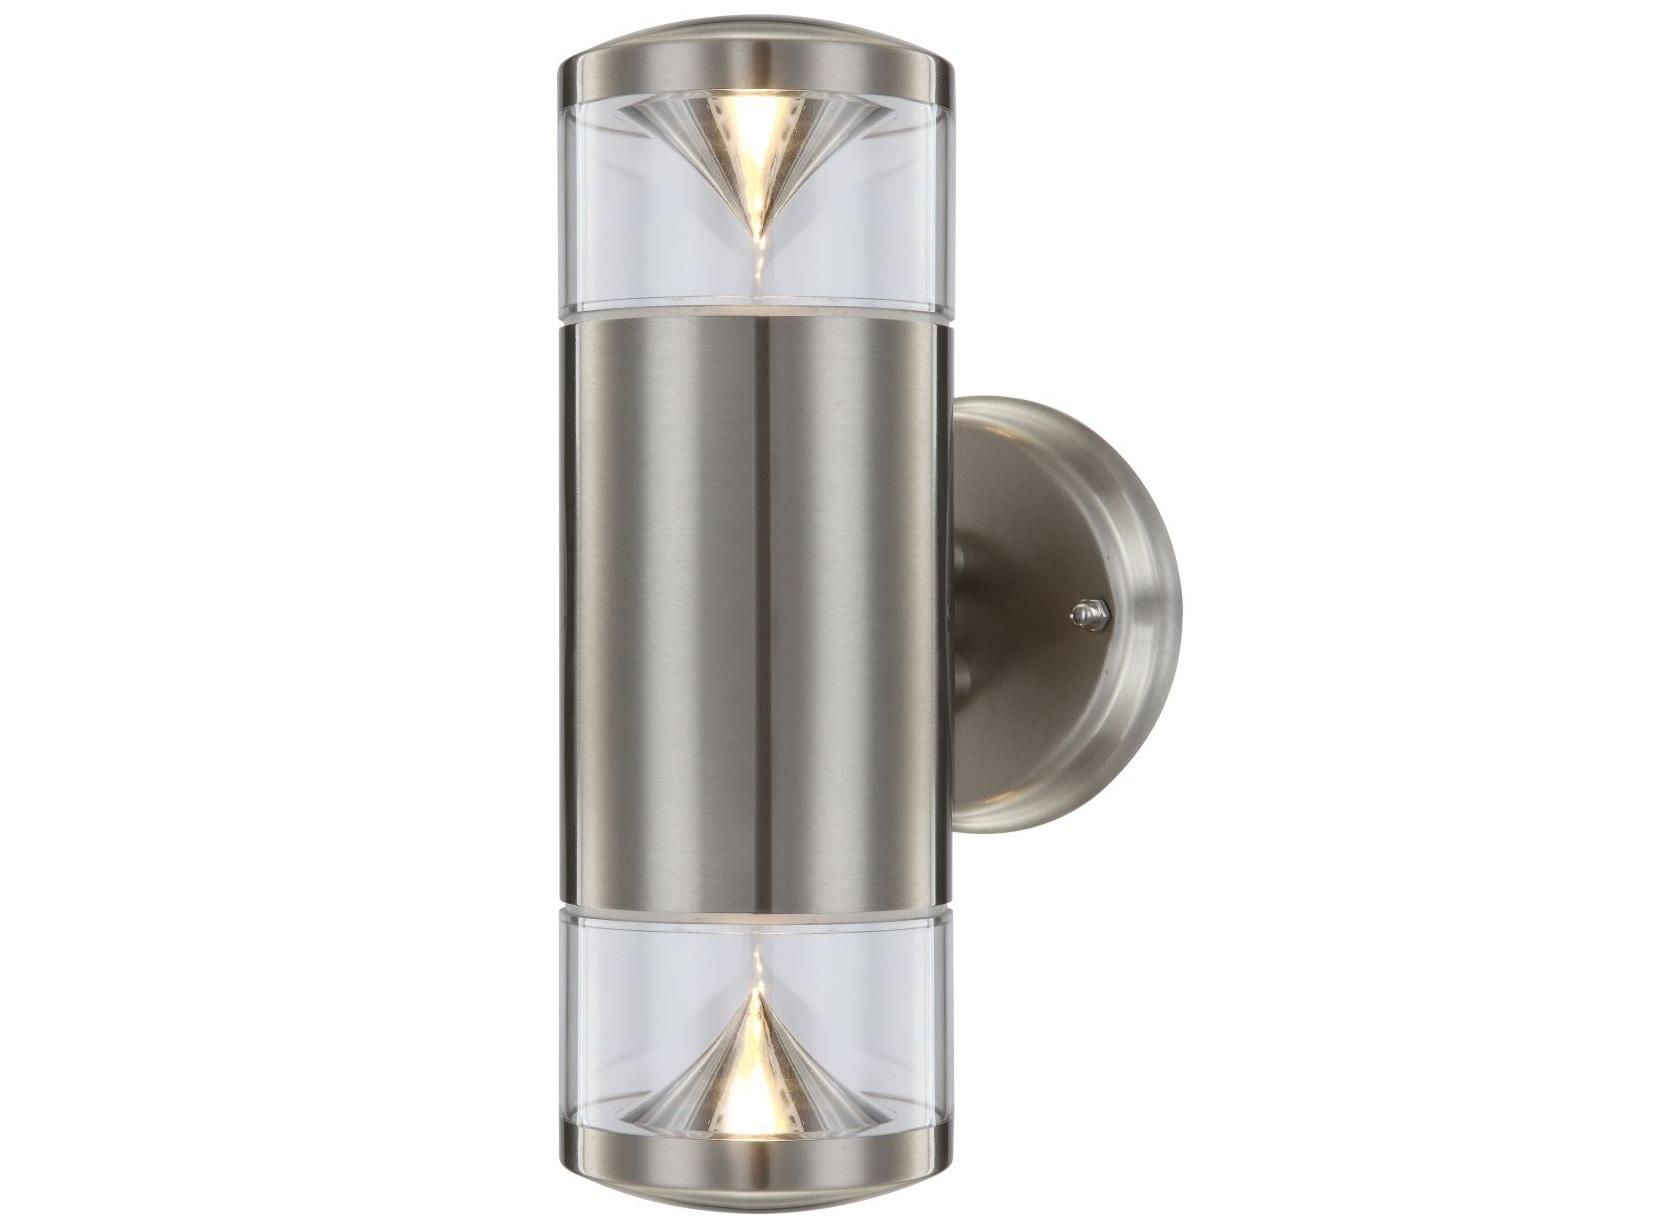 Светильник уличныйУличные настенные светильники<br>&amp;lt;div&amp;gt;&amp;lt;div style=&amp;quot;line-height: 24.9999px;&amp;quot;&amp;gt;Вид цоколя: GU10 LED&amp;lt;/div&amp;gt;&amp;lt;div style=&amp;quot;line-height: 24.9999px;&amp;quot;&amp;gt;Мощность: 5W&amp;lt;/div&amp;gt;&amp;lt;div style=&amp;quot;line-height: 24.9999px;&amp;quot;&amp;gt;Количество ламп: 2&amp;lt;/div&amp;gt;&amp;lt;/div&amp;gt;&amp;lt;div&amp;gt;&amp;lt;/div&amp;gt;<br><br>Material: Металл<br>Width см: 11,5<br>Depth см: 11,5<br>Height см: 26,6